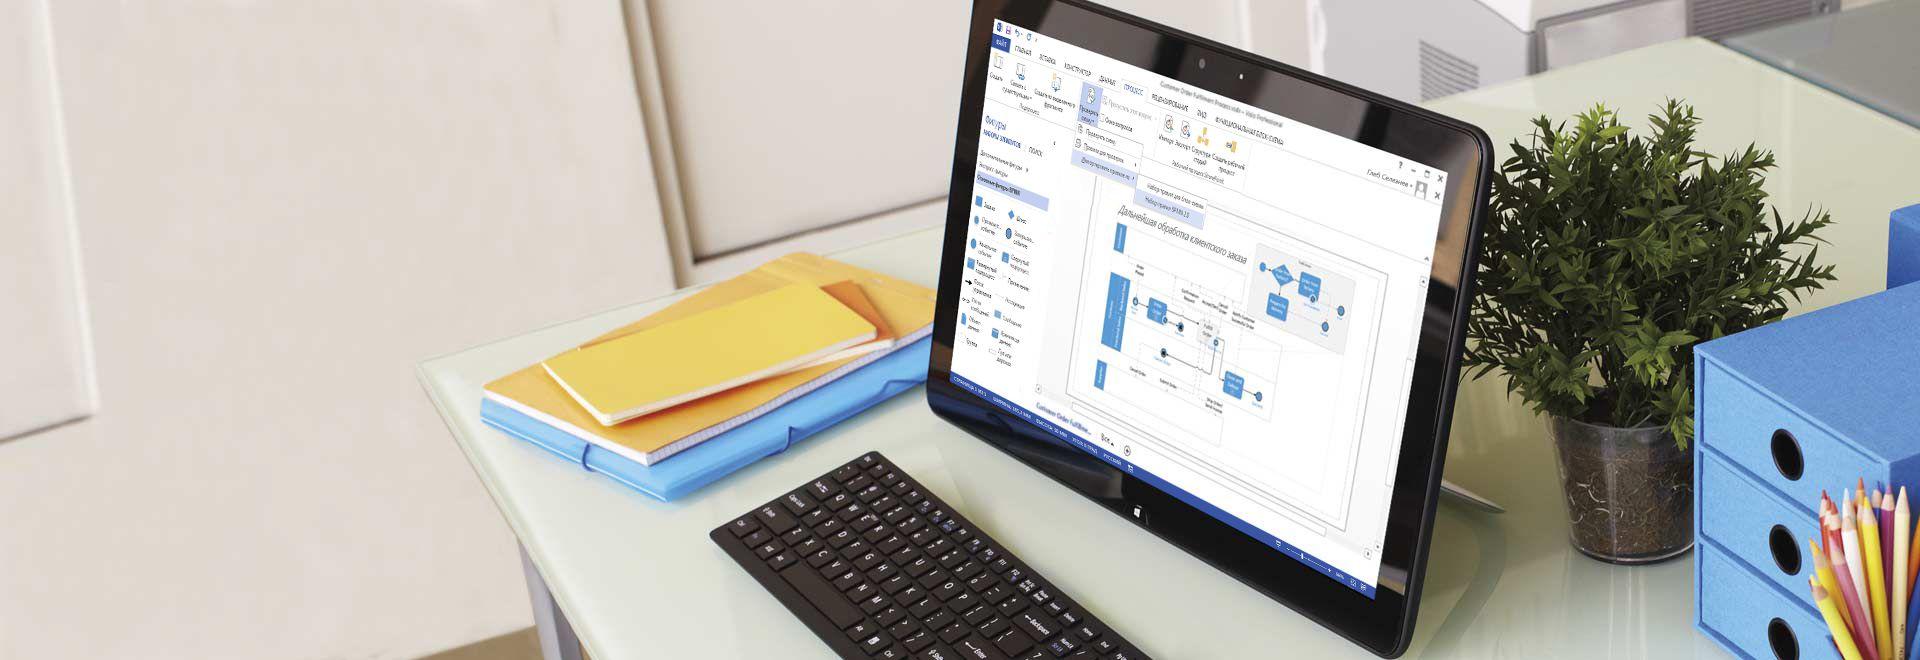 Стол с планшетным компьютером, на экране которого схема процесса в Visio профессиональный2016